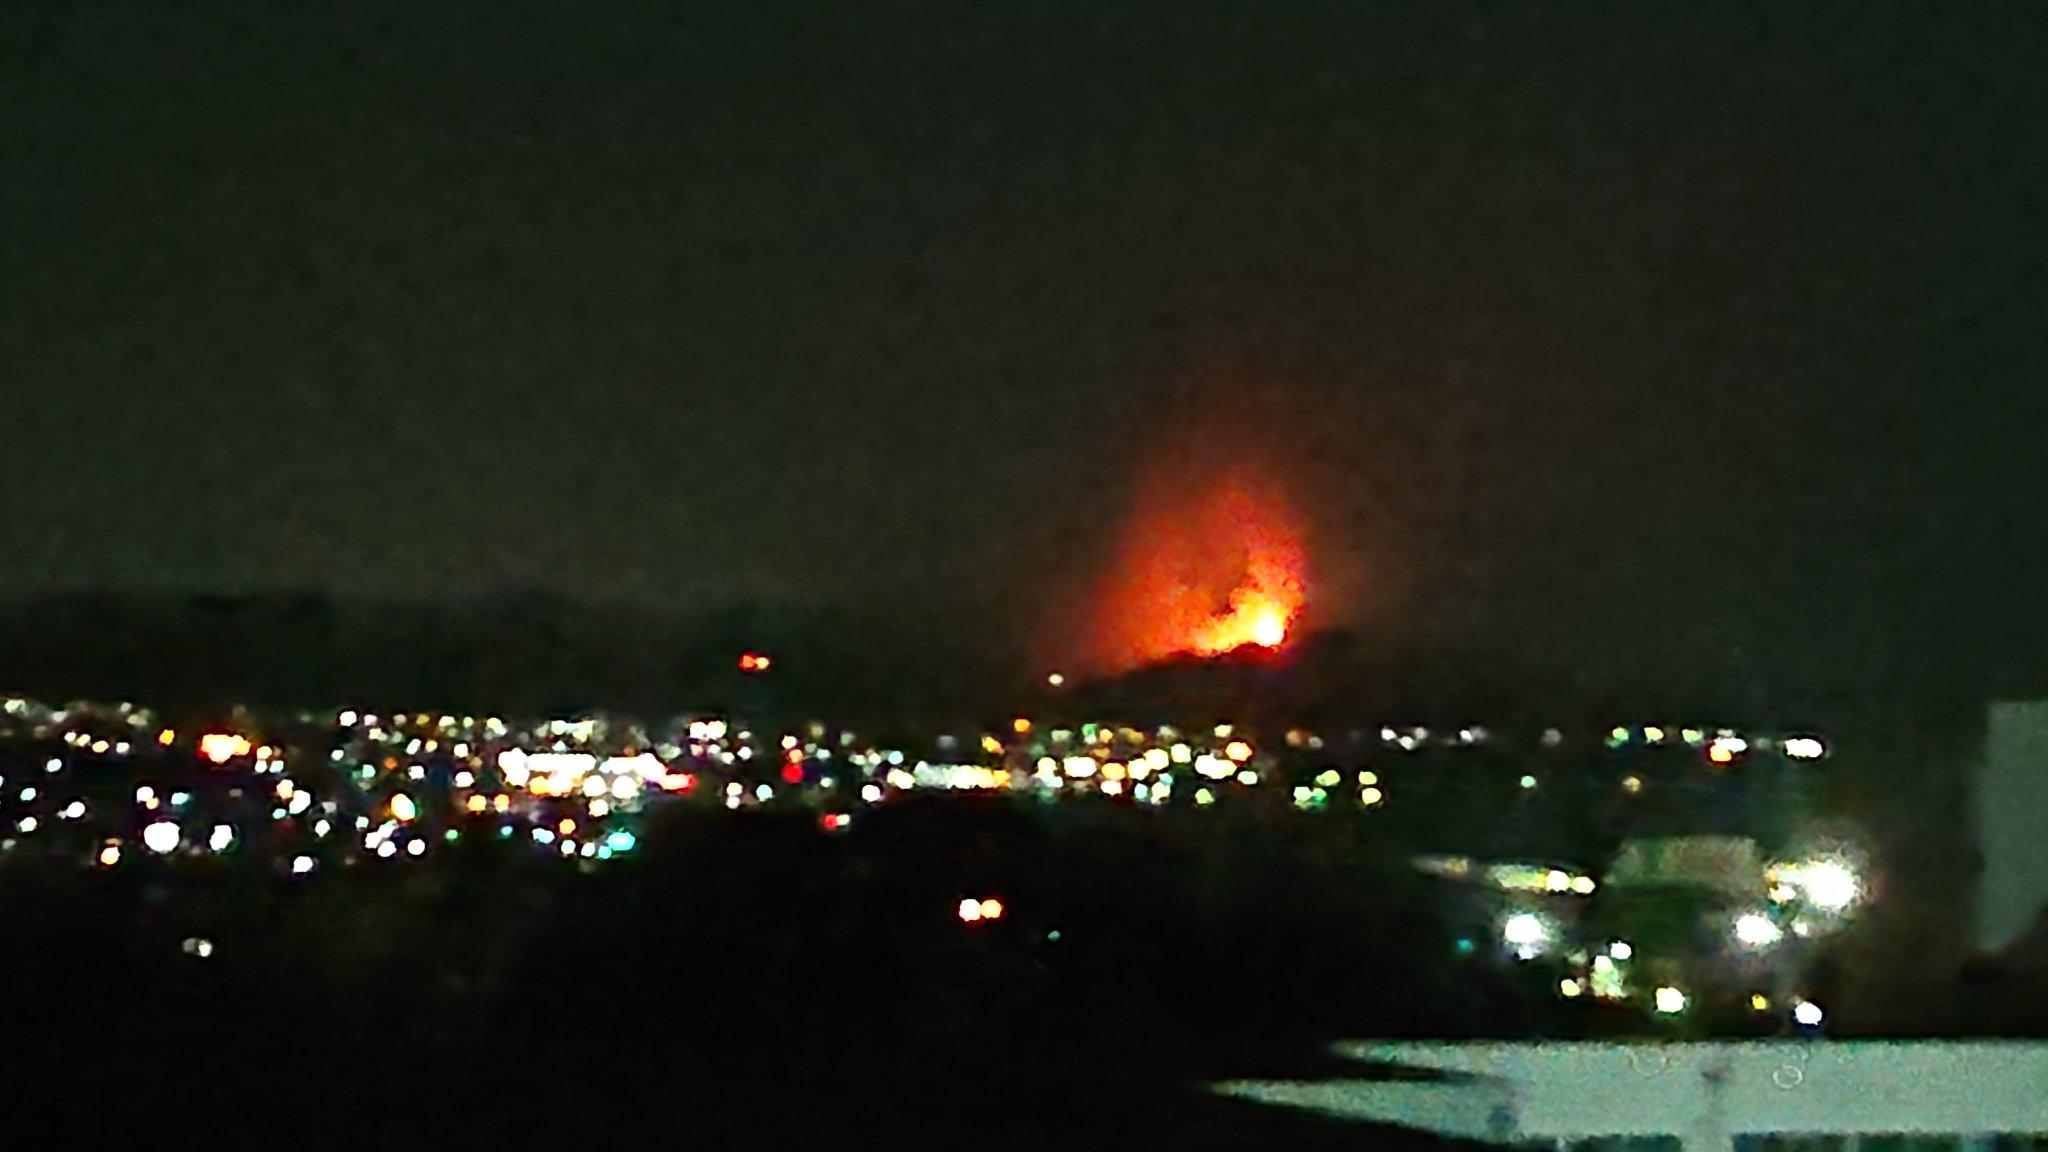 画像,土居の天満の山火事?が三島からも見える https://t.co/oXi6r70O1G。